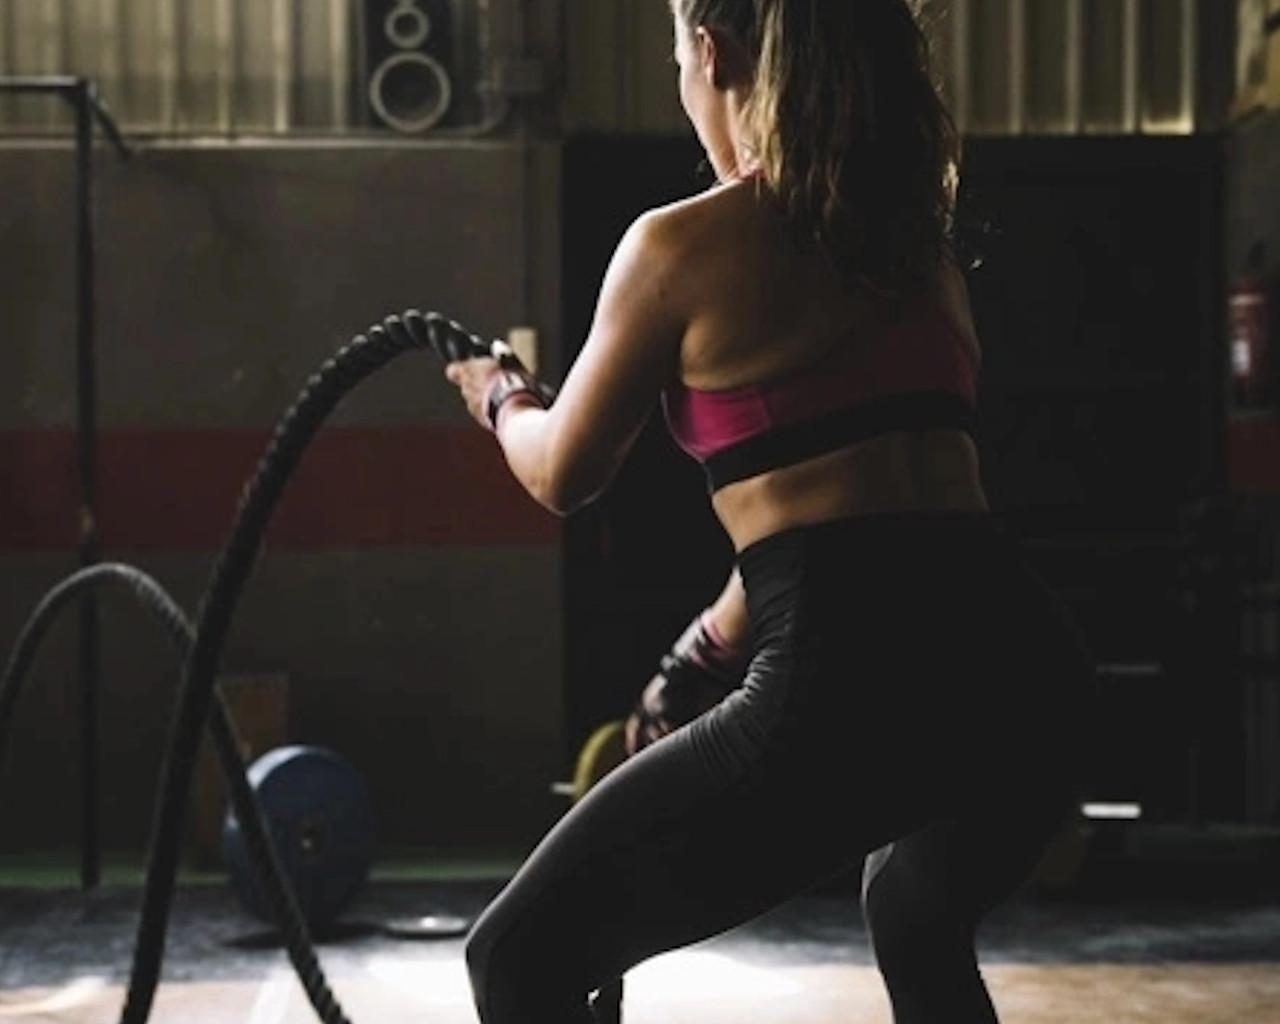 11+1 τροφές που θα πρέπει να τρως μετά τη γυμναστική για να αυξήσεις την απώλεια βάρους-Μην το χάσεις!